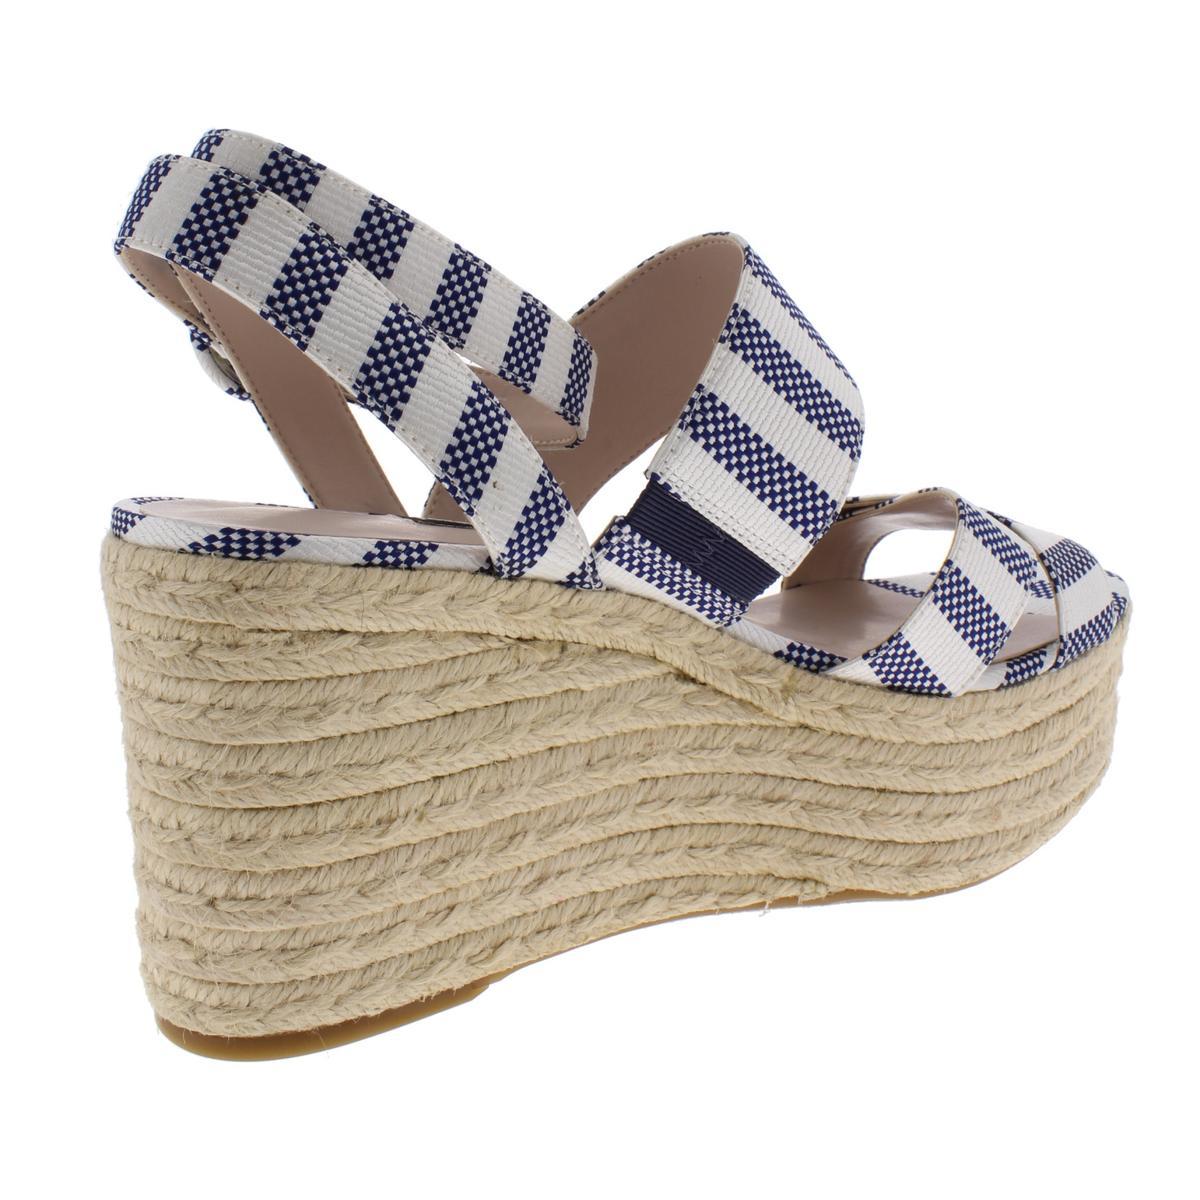 Nine-West-Womens-Kushala-Nubuck-Espadrille-Wedge-Sandals-Shoes-BHFO-7013 thumbnail 4